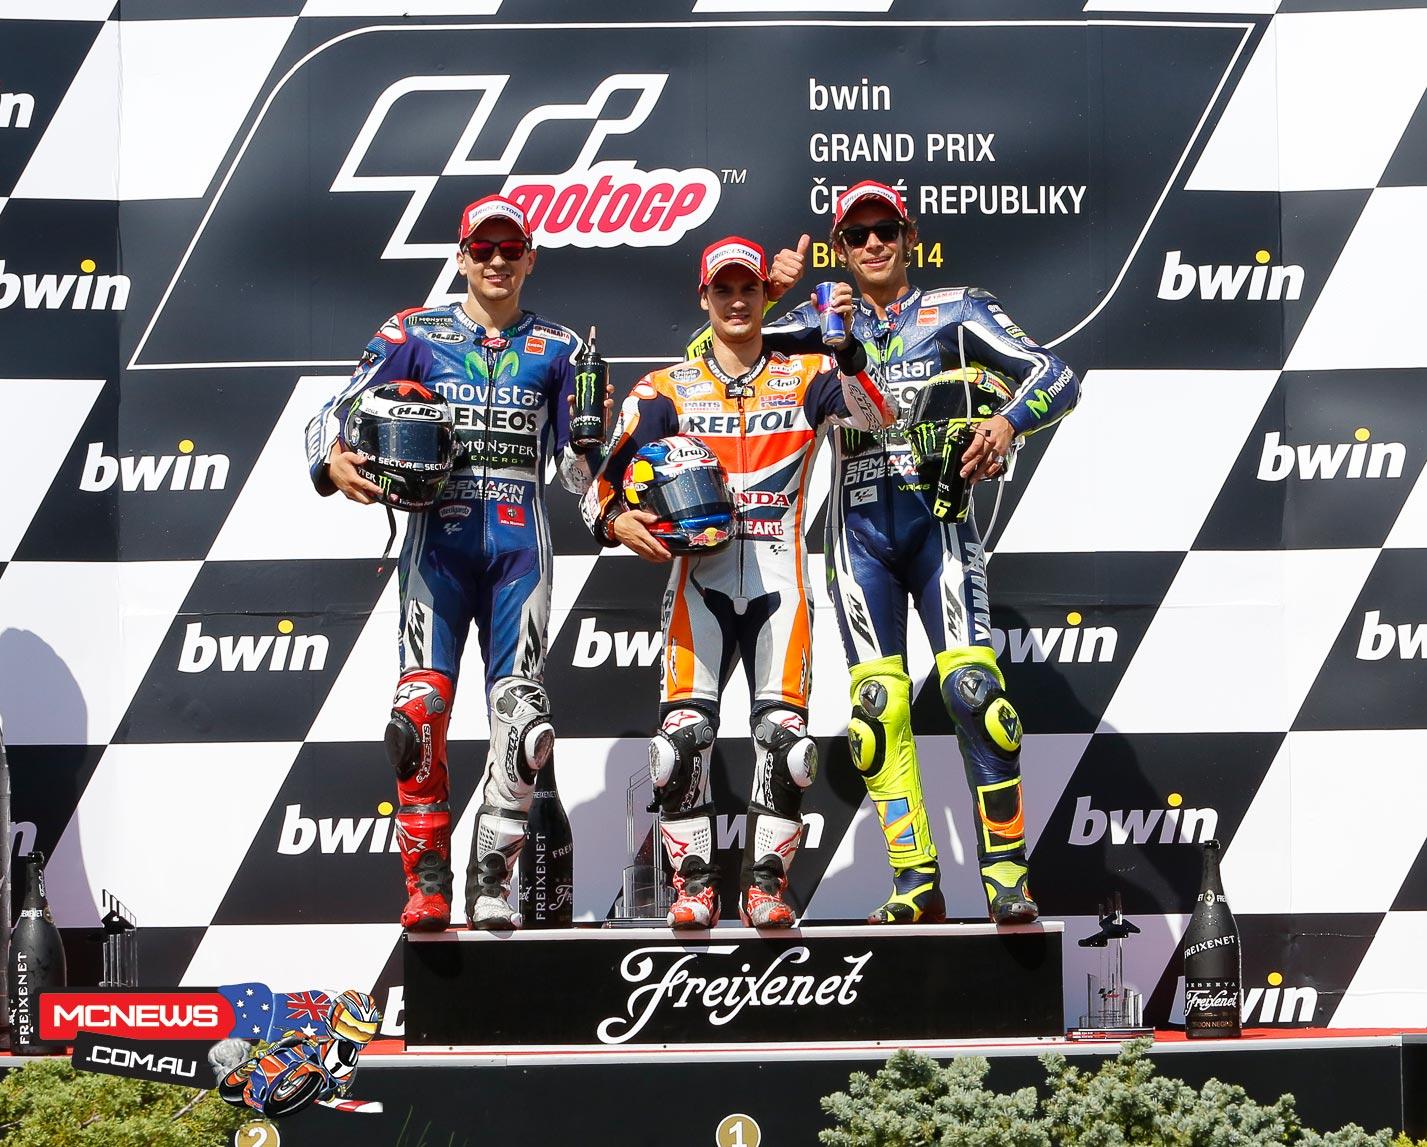 Dani Pedrosa wins Brno MotoGP | MCNews.com.au